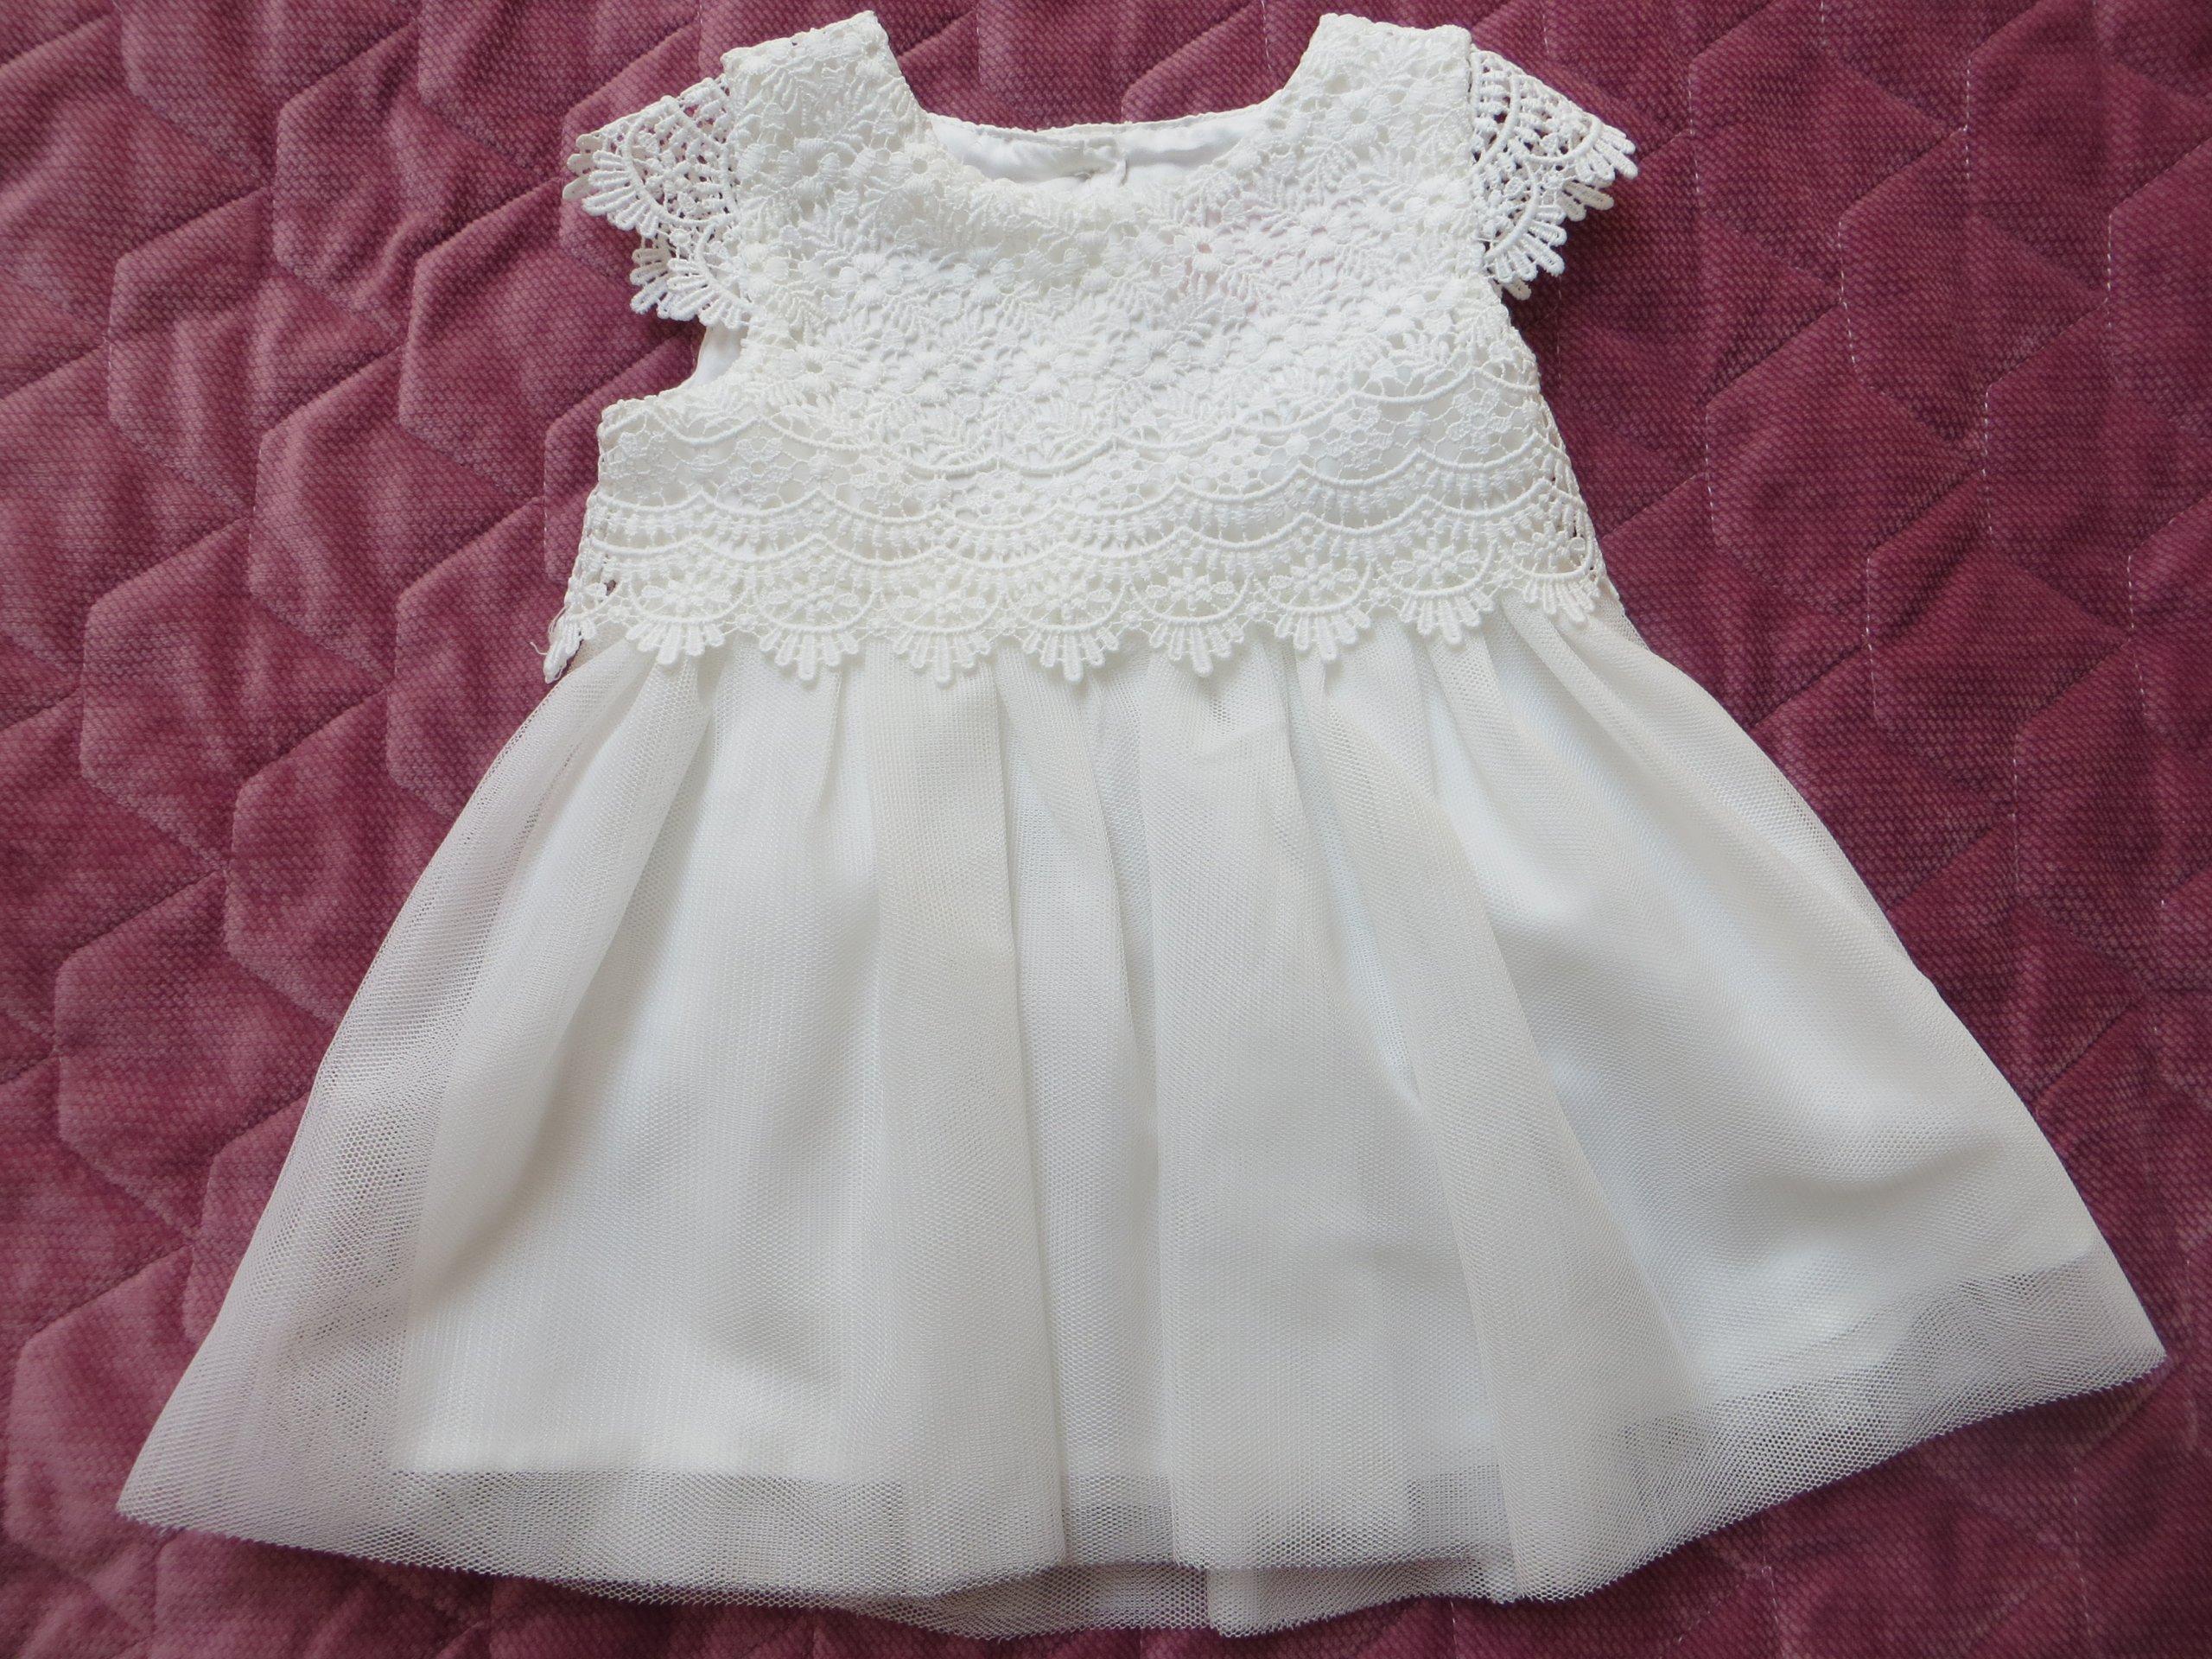 0d60b642ba Sukienka biała rozmiar 0-3 miesięcy 62 cm - 7400727799 - oficjalne ...